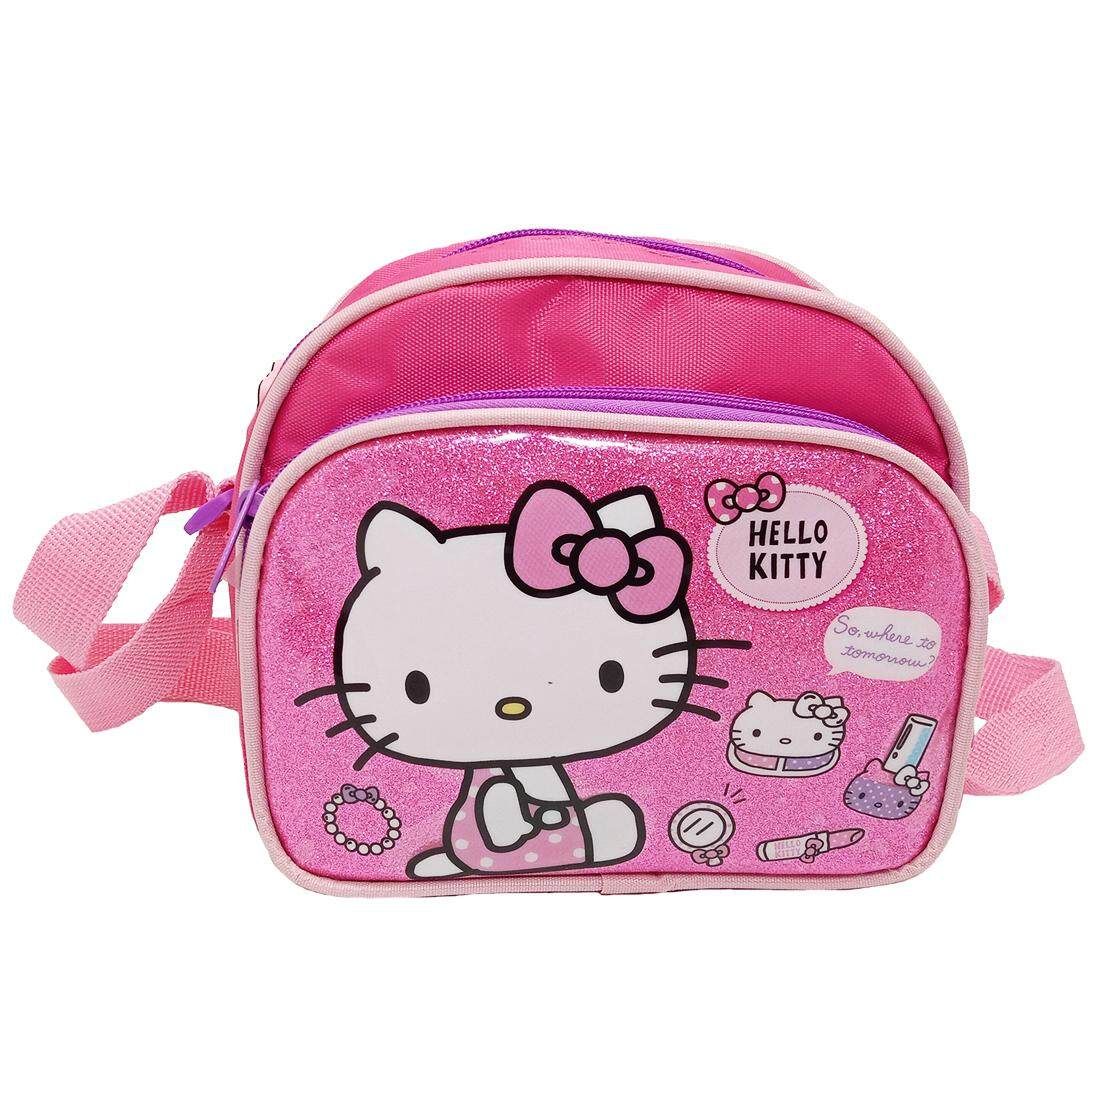 6f04a6436bb2 HELLO KITTY SHINNING PINK SLING BAG